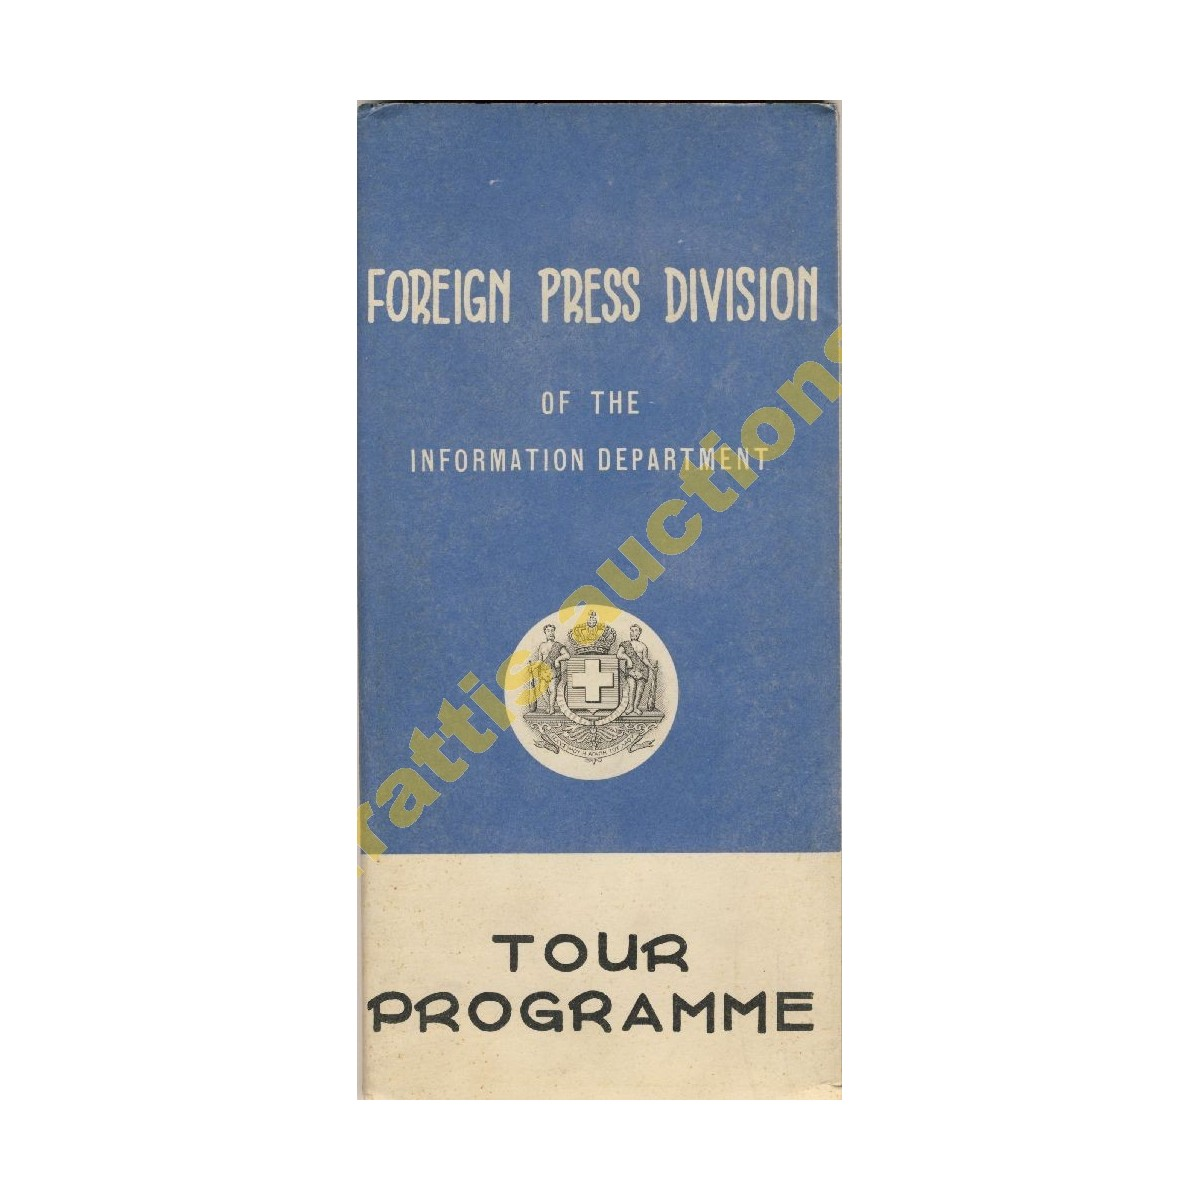 Πρόγραμμα περιηγήσεων Ξένου Τύπου,1956.